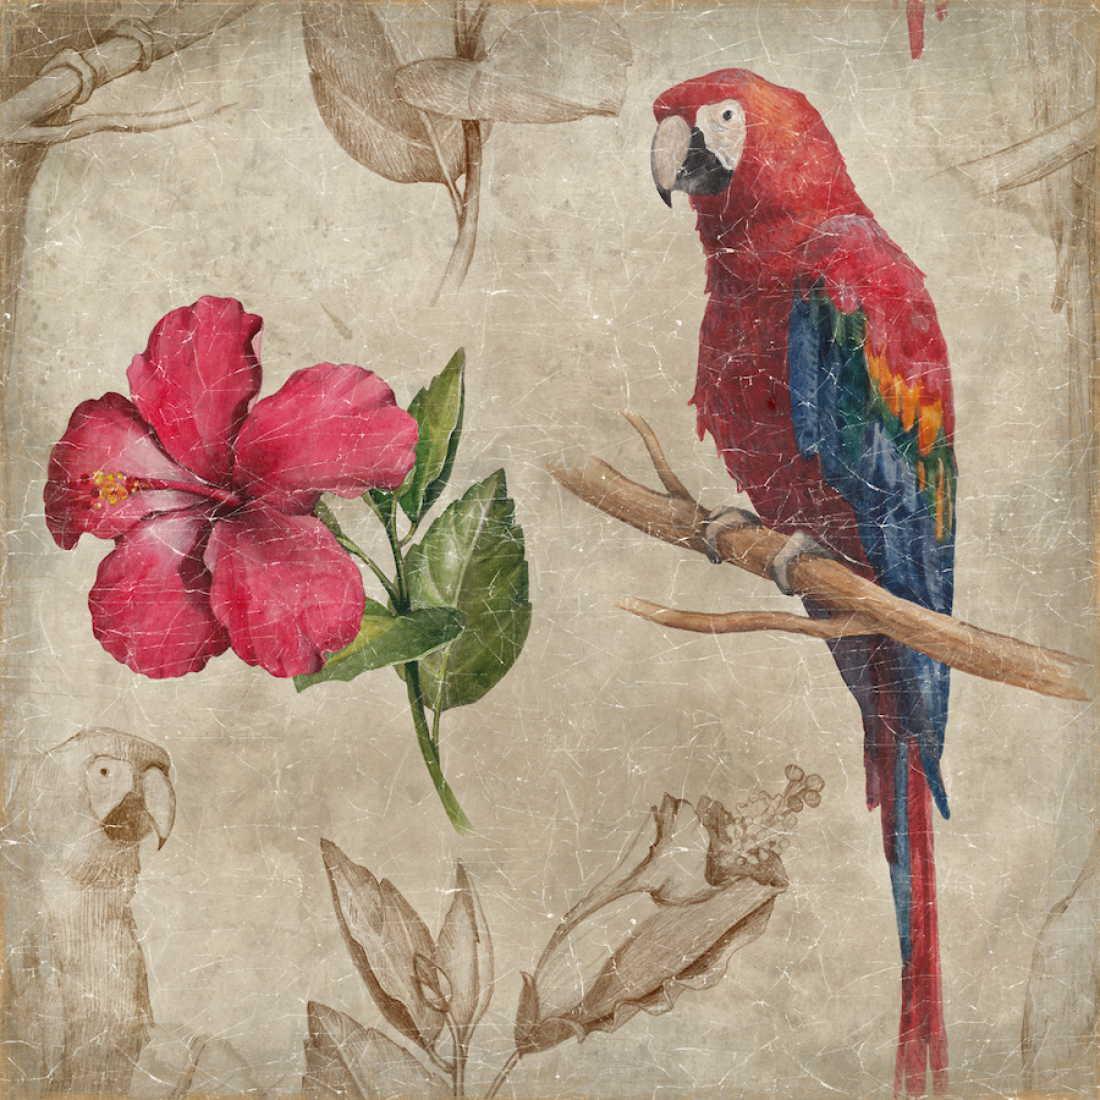 Tableau perroquet et hibiscus - papier froissé marouflé sur cadre bois